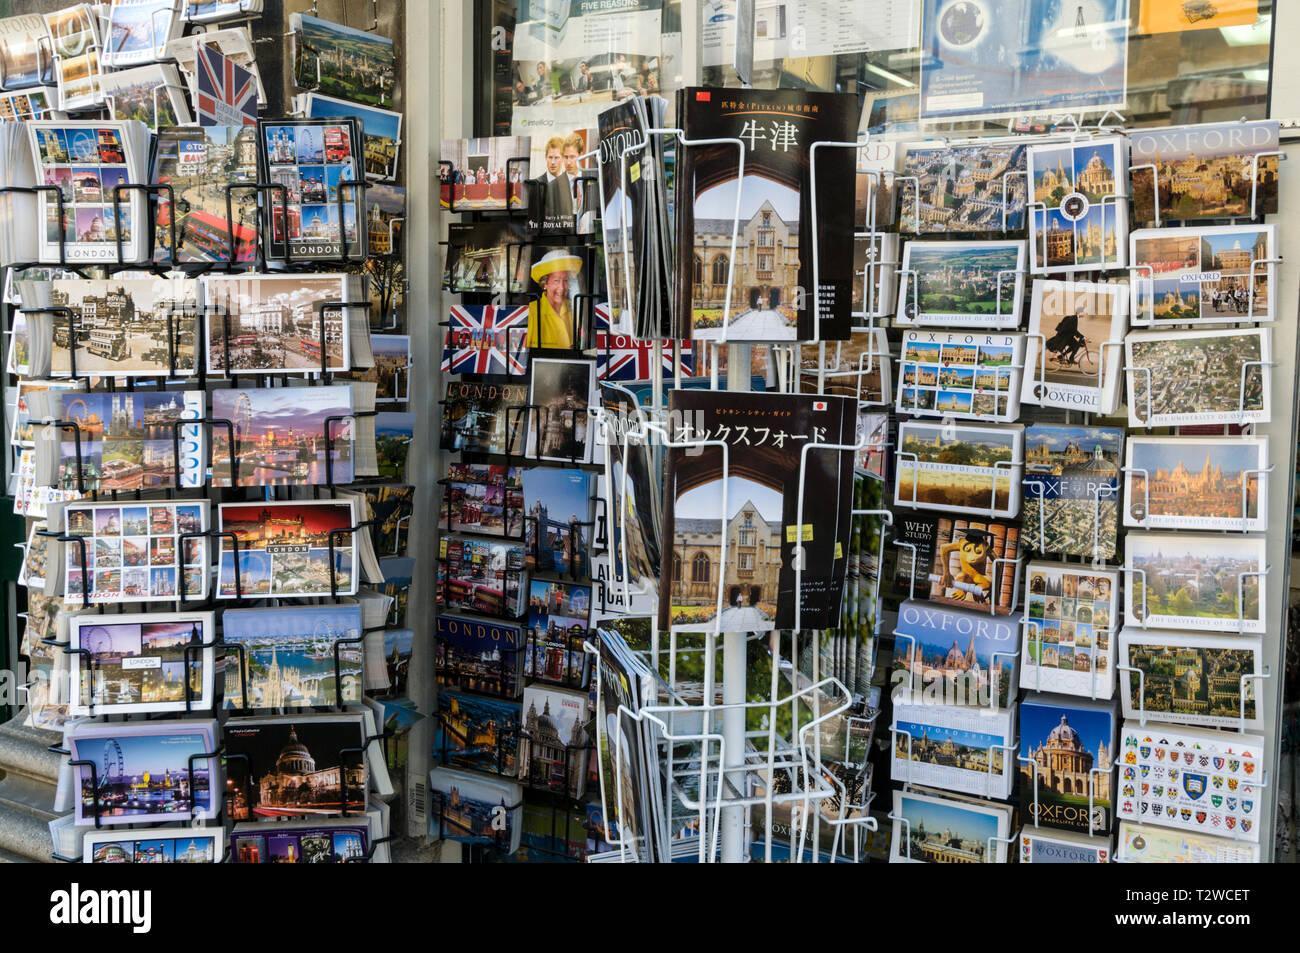 Une boutique de souvenirs et cartes postales shop à Oxford, Angleterre Photo Stock